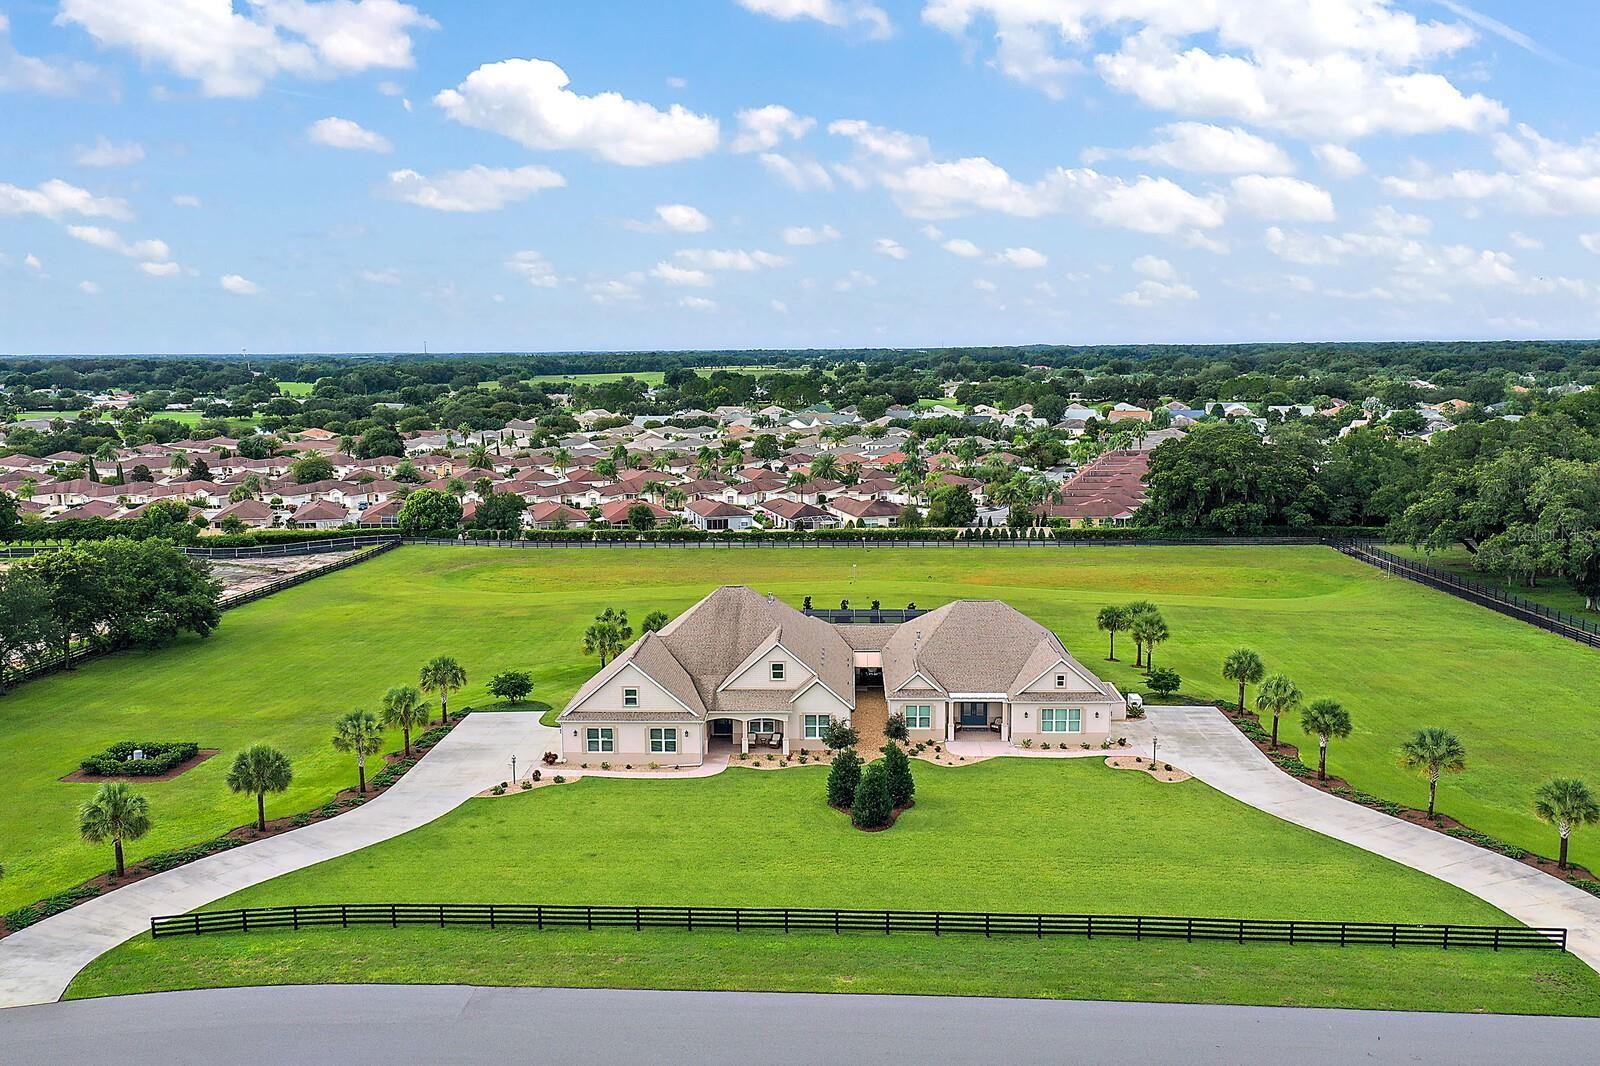 16843 SE 76TH CHATHAM AVENUE, The Villages, FL 32162 - #: G5045036